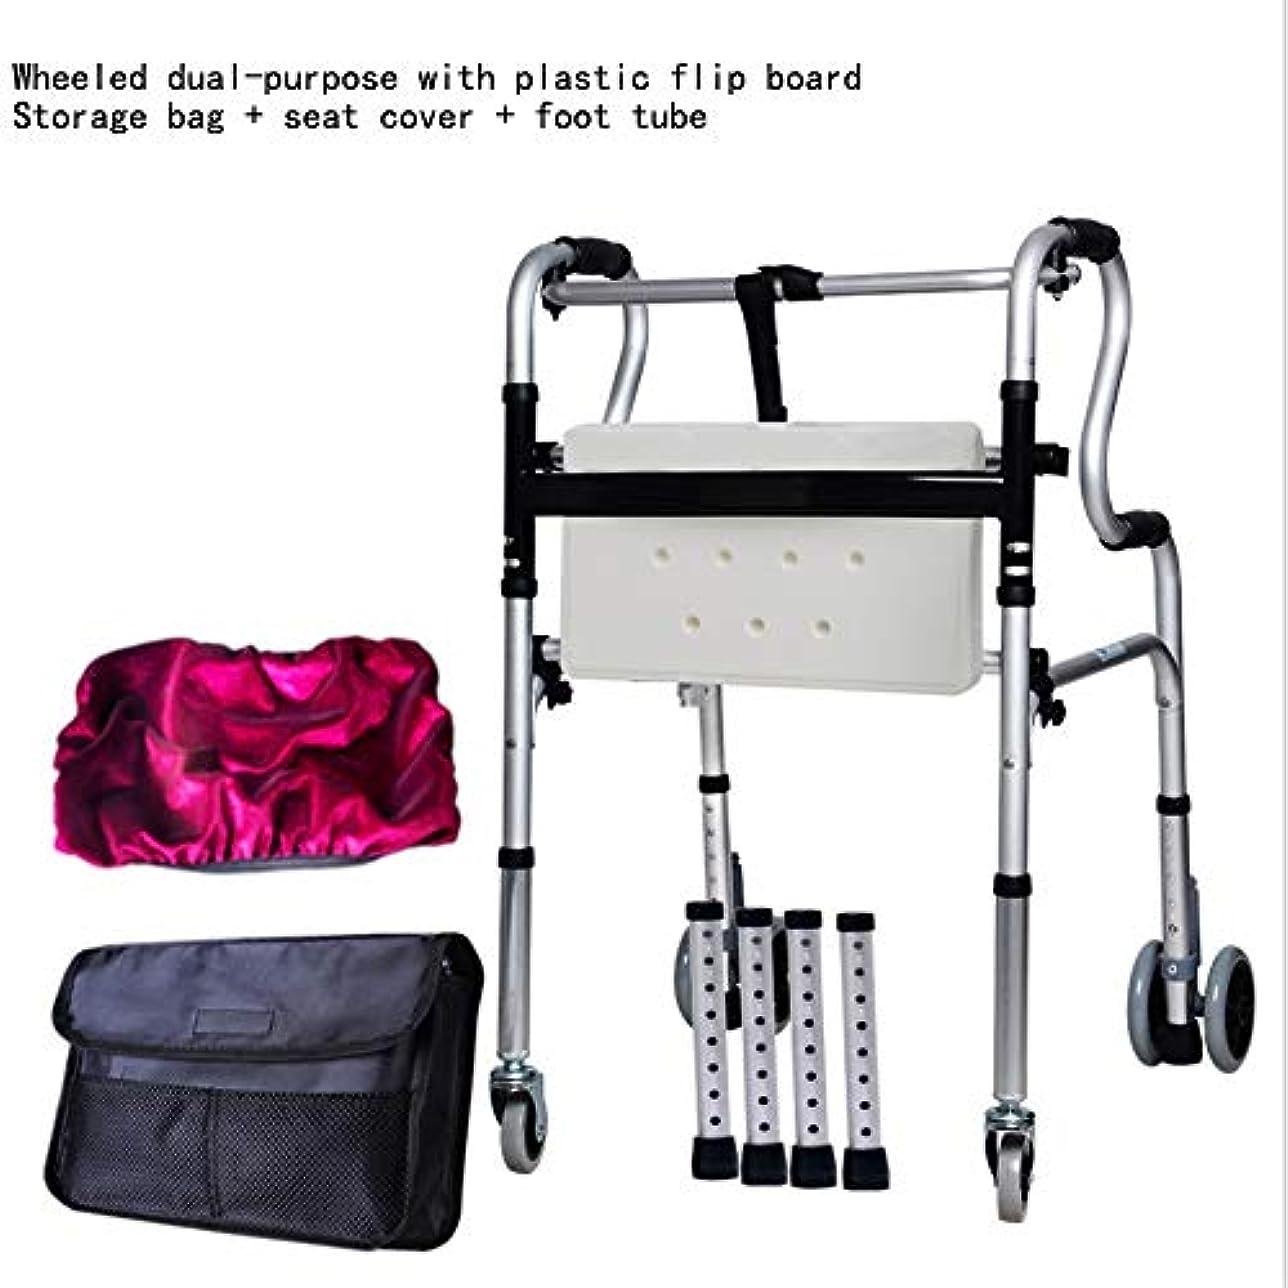 レクリエーションオーナメントキリスト教滑車付き歩行補助器具、高齢者用および負傷者用シート付き折りたたみ式四輪歩行フレーム (Color : 白)